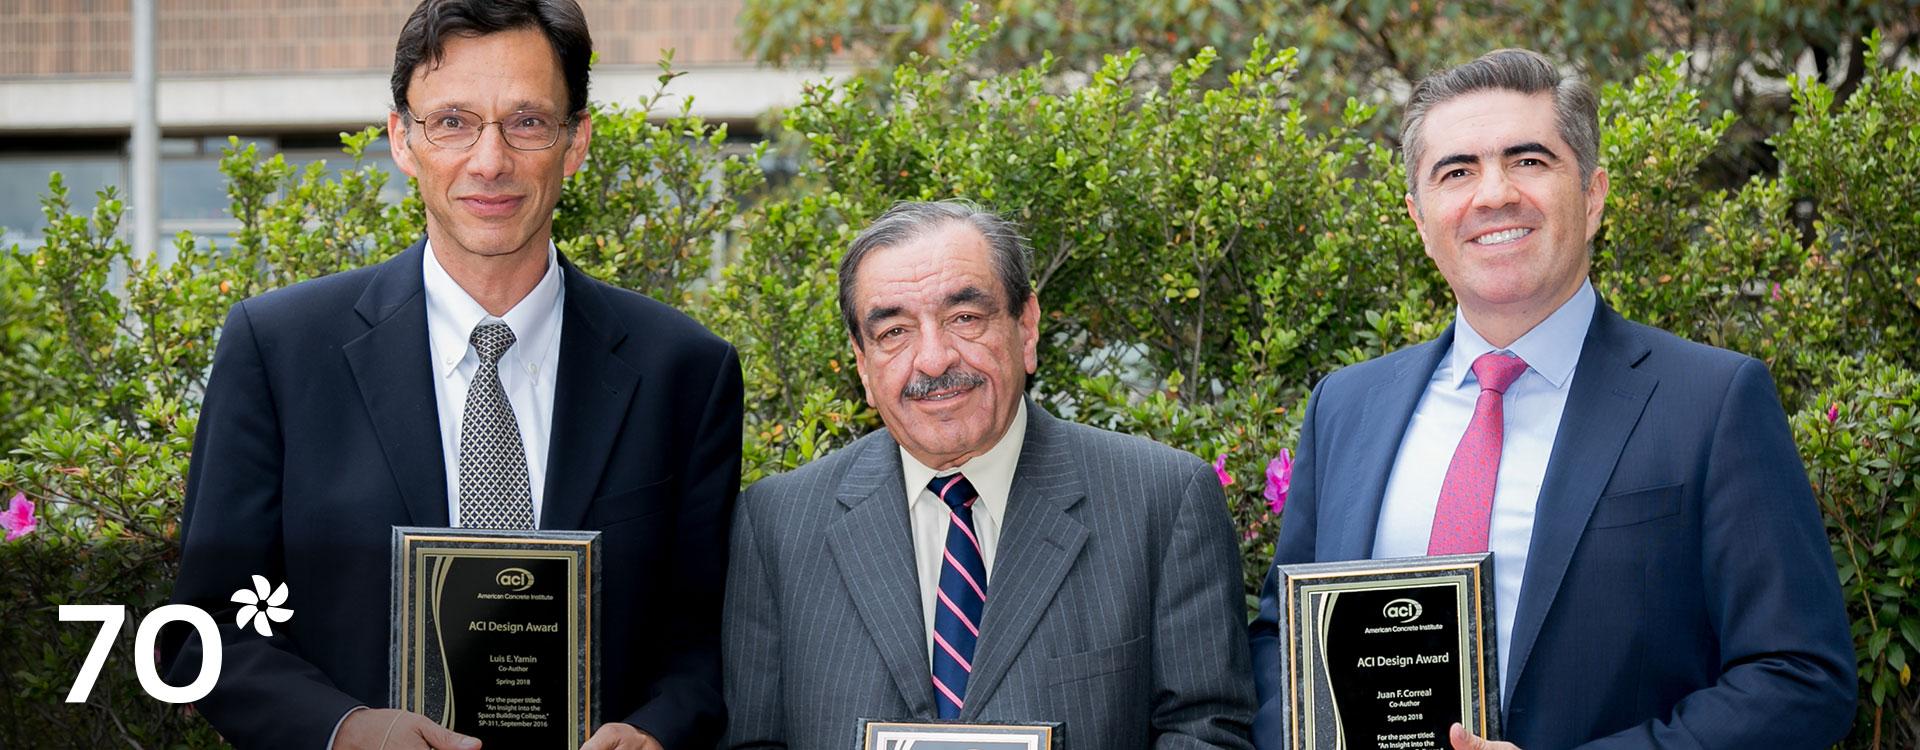 Tres profesores de la Universidad de los Andes exponen placas de reconocimiento.